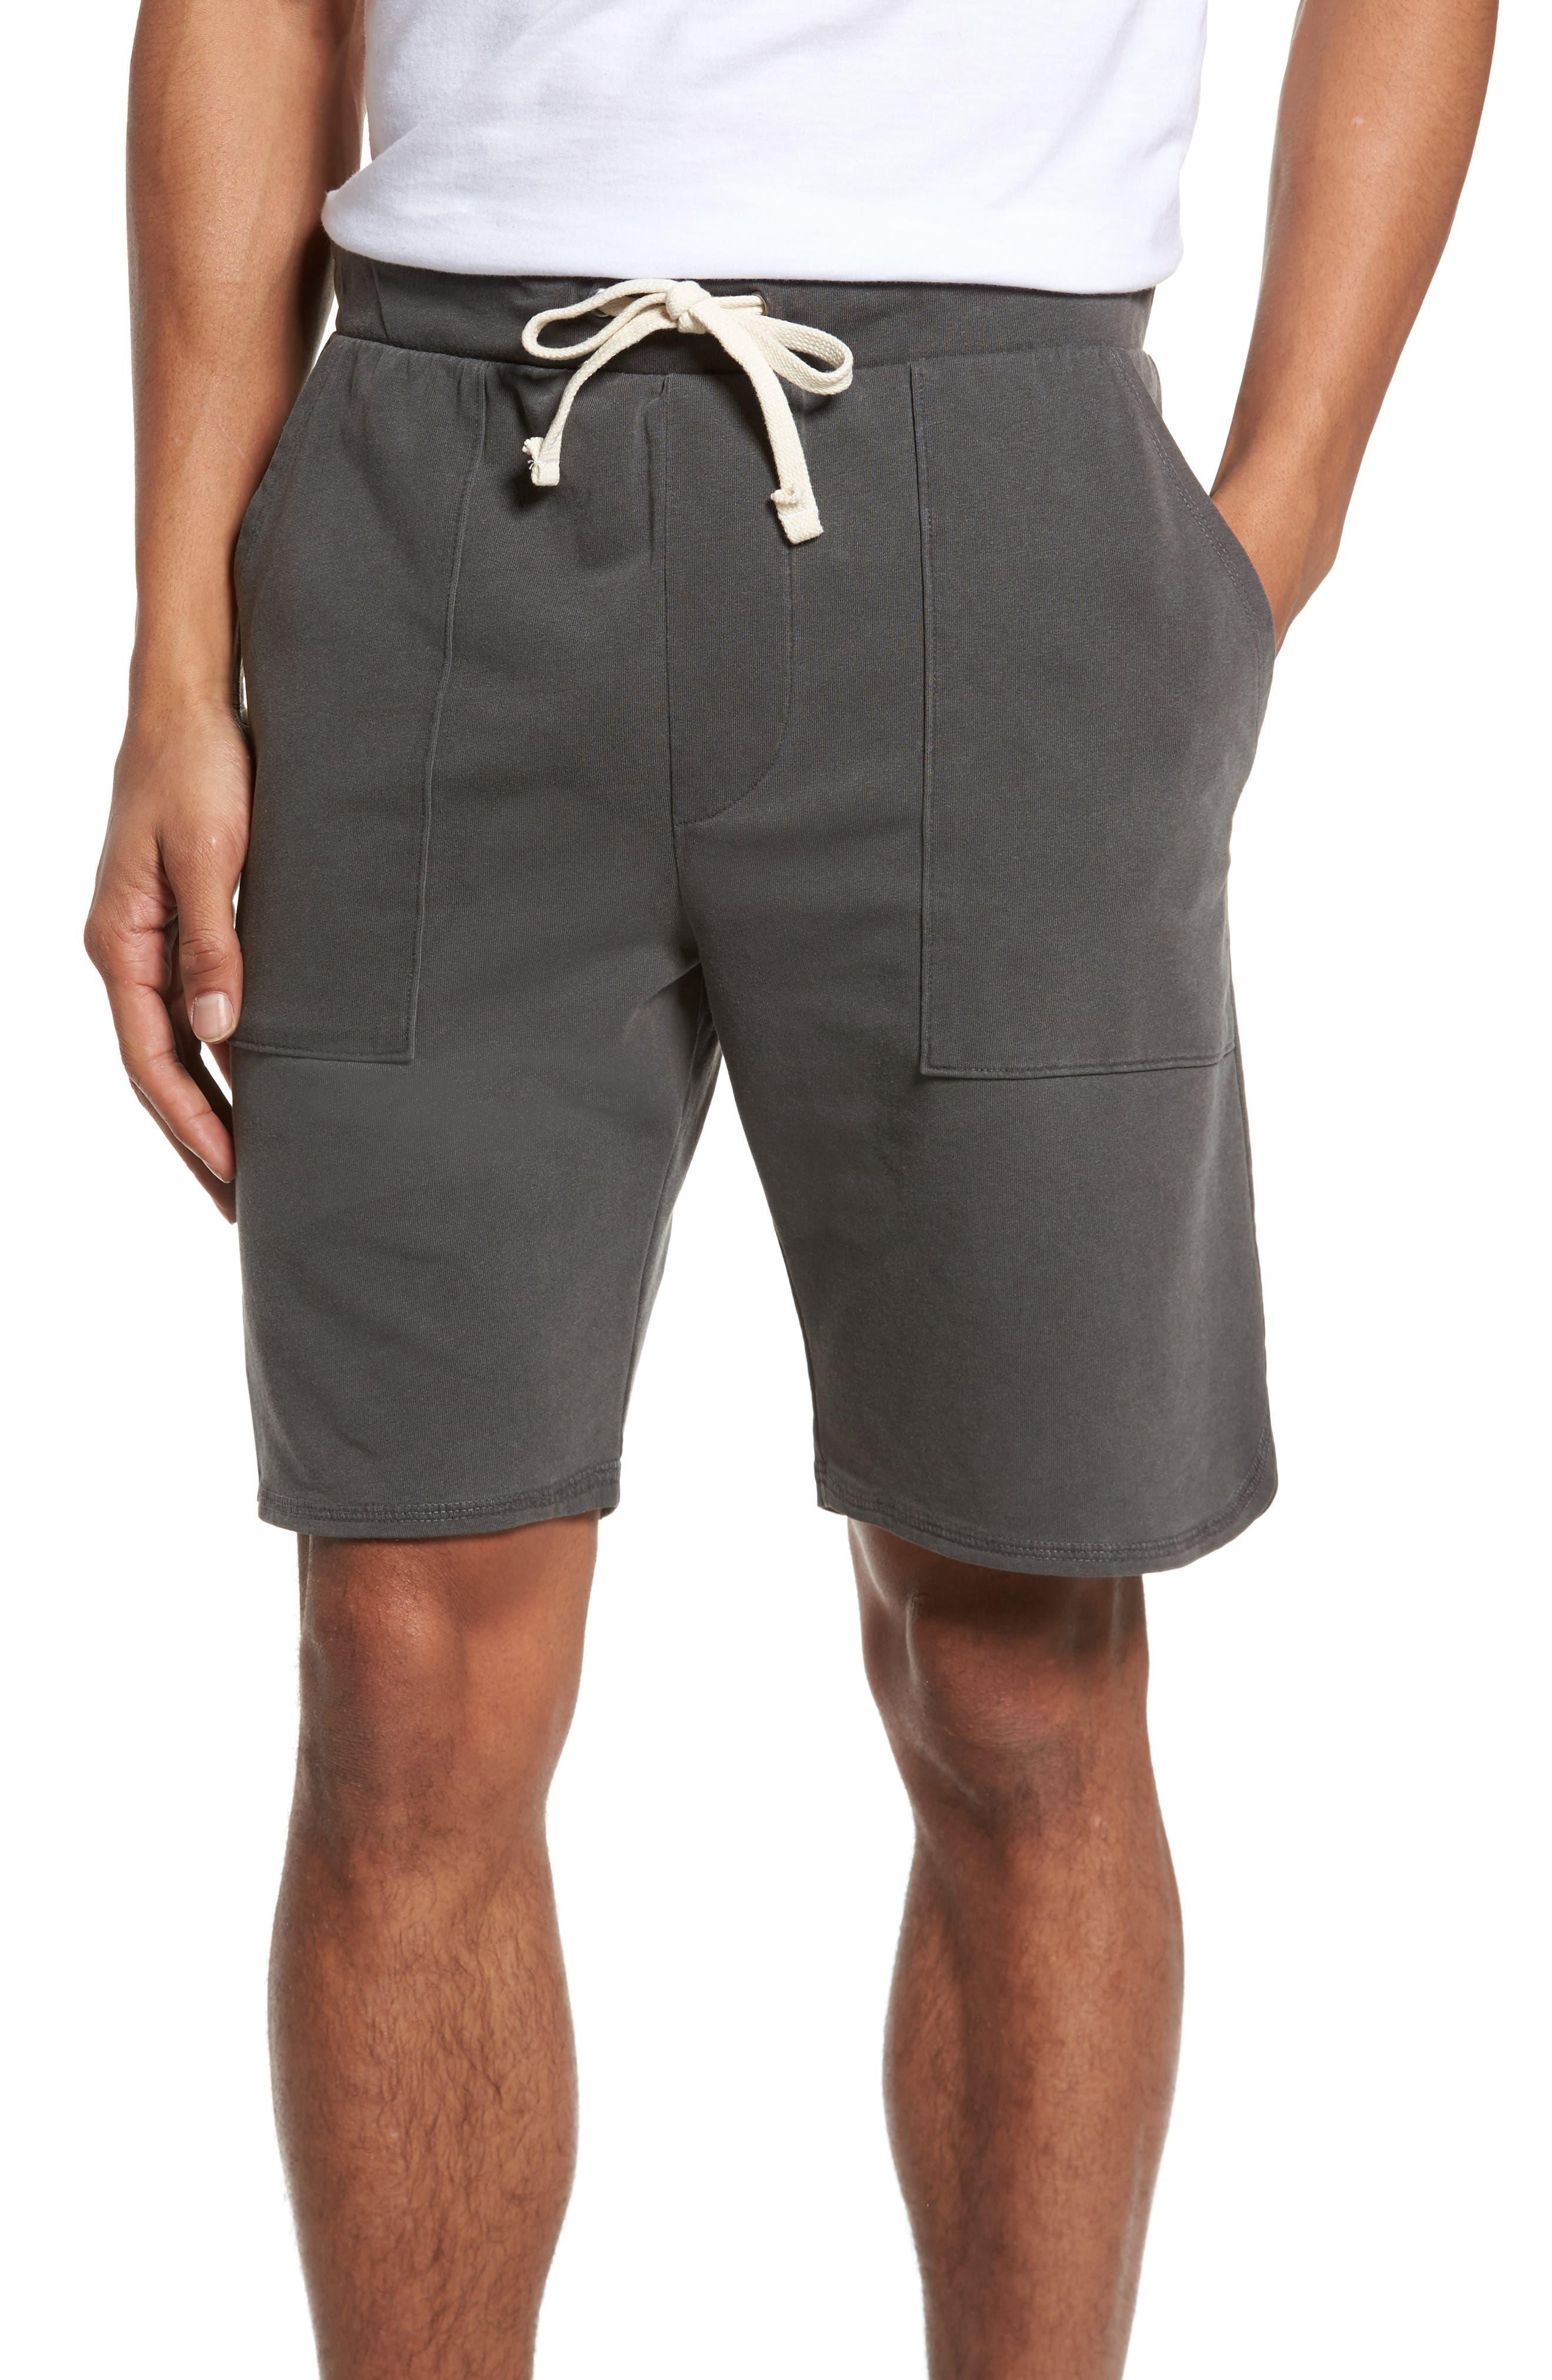 Goodlife Terrycloth Shorts